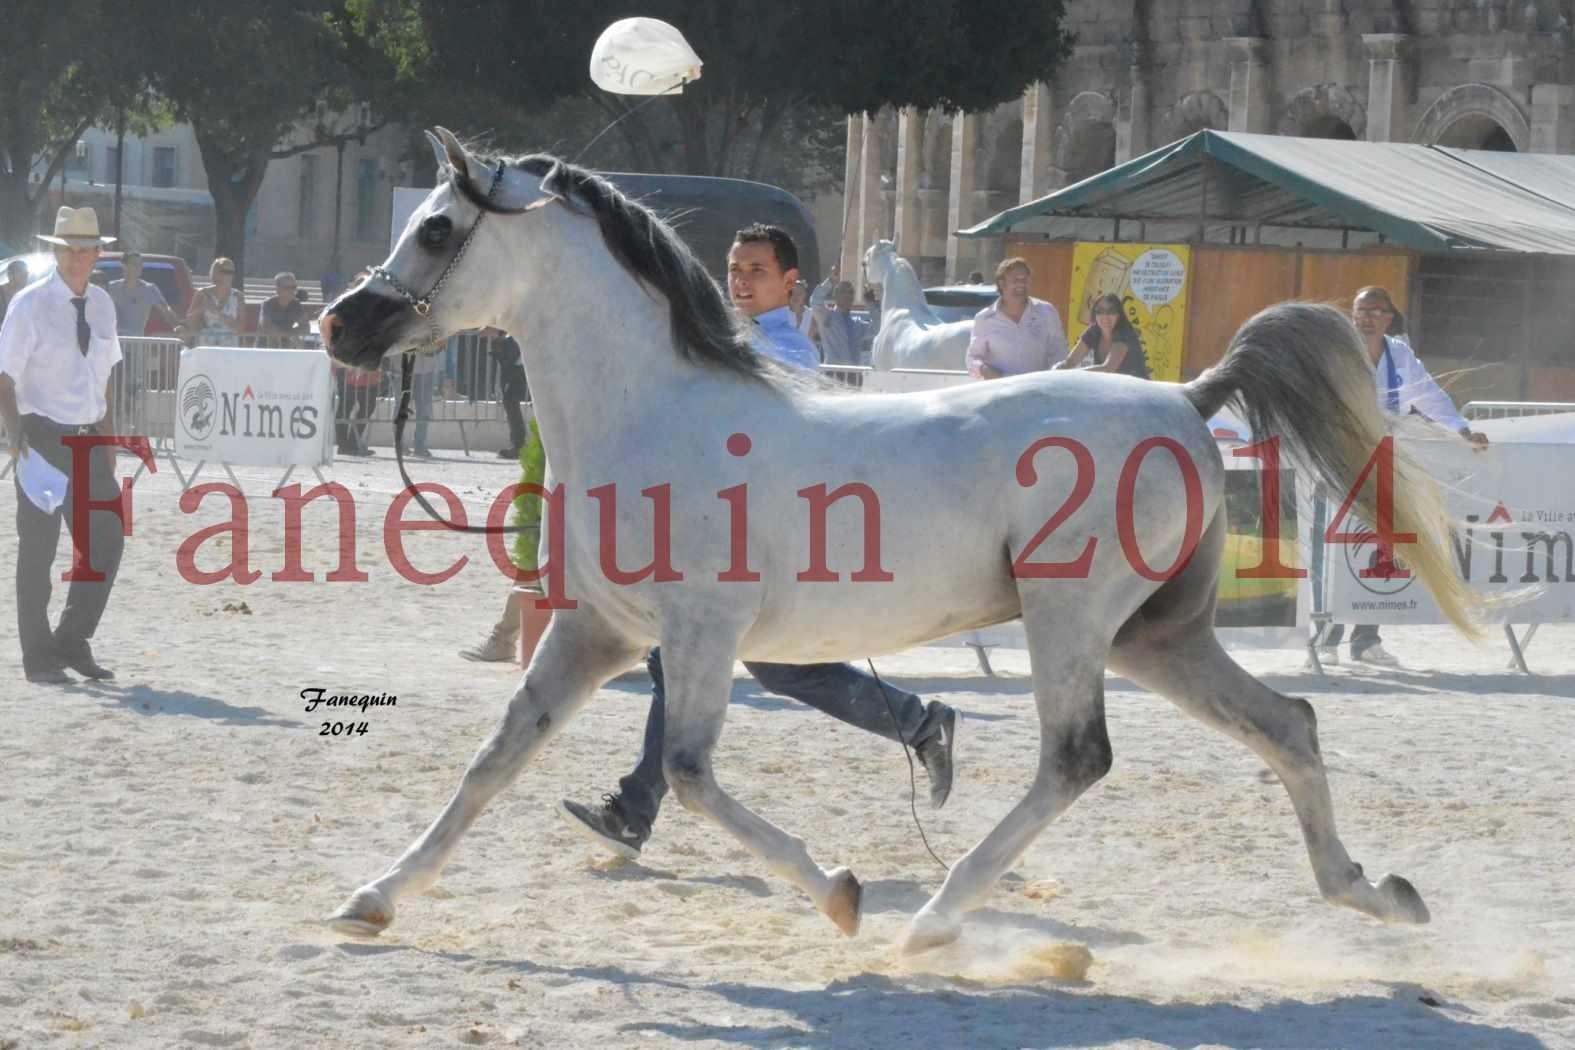 Concours National de Nîmes de chevaux ARABES 2014 - Notre Sélection - SHAOLIN DE NEDJAIA - 22